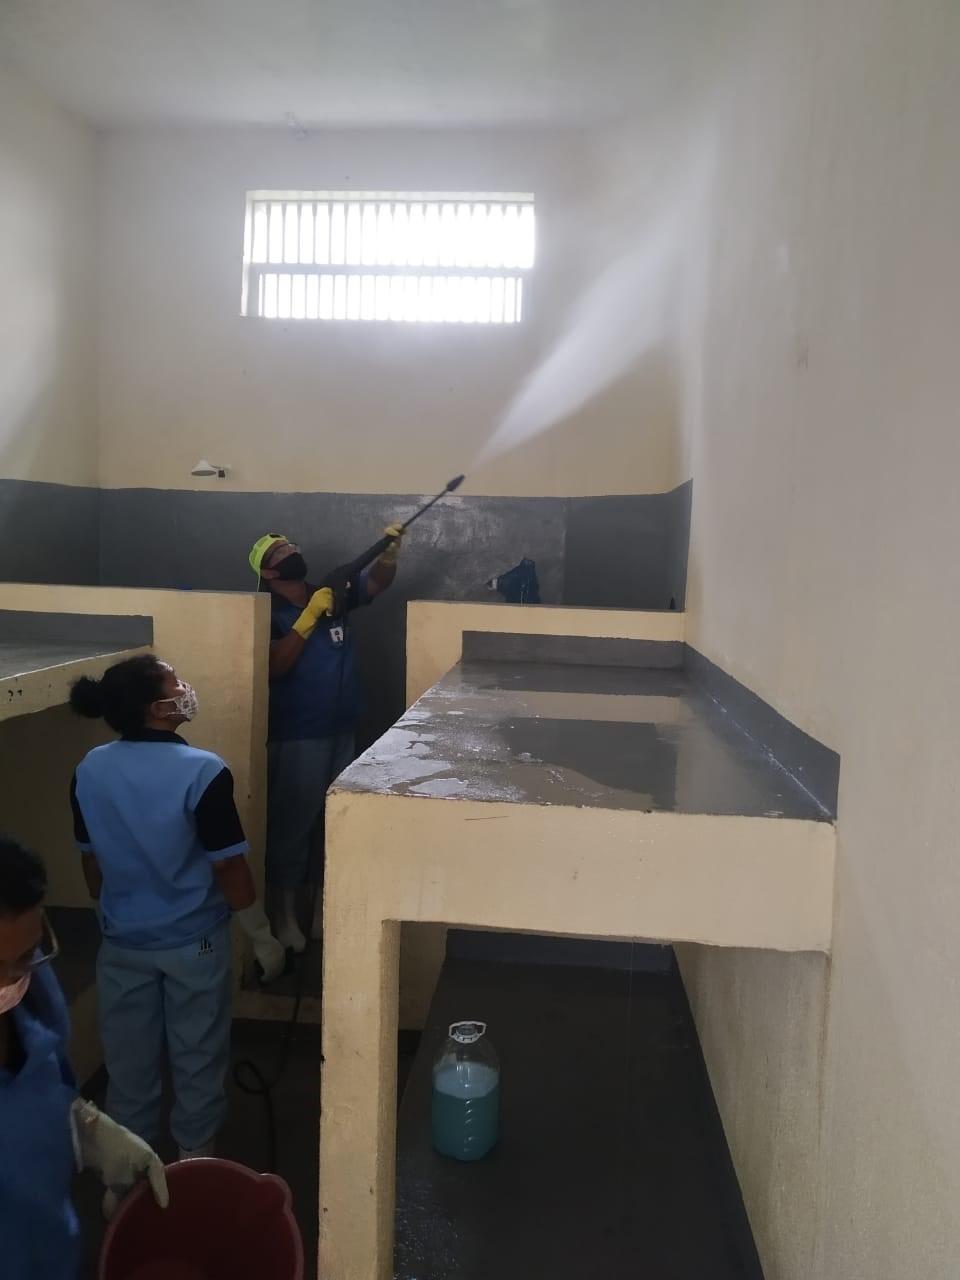 Unidades do Iases intensificam higienização dos seus espaços